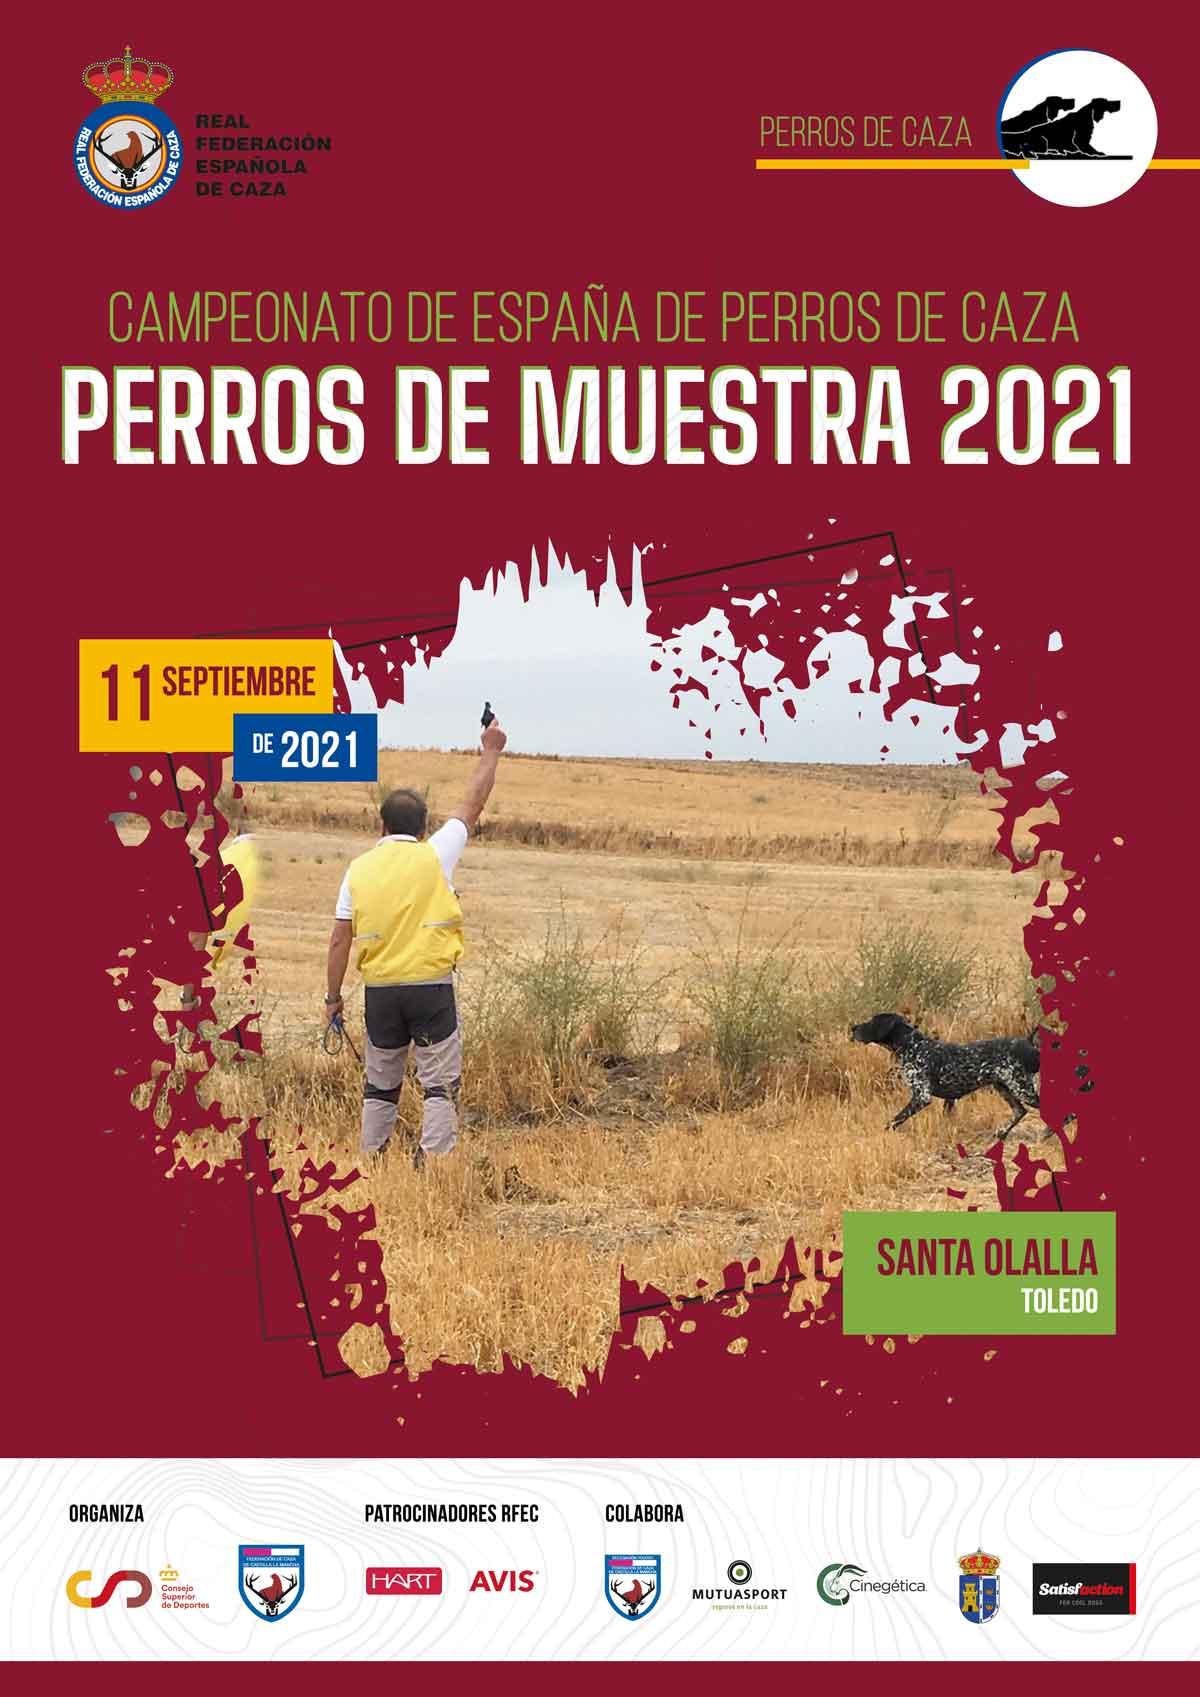 Campeonato de España de Perros de Muestra 2021